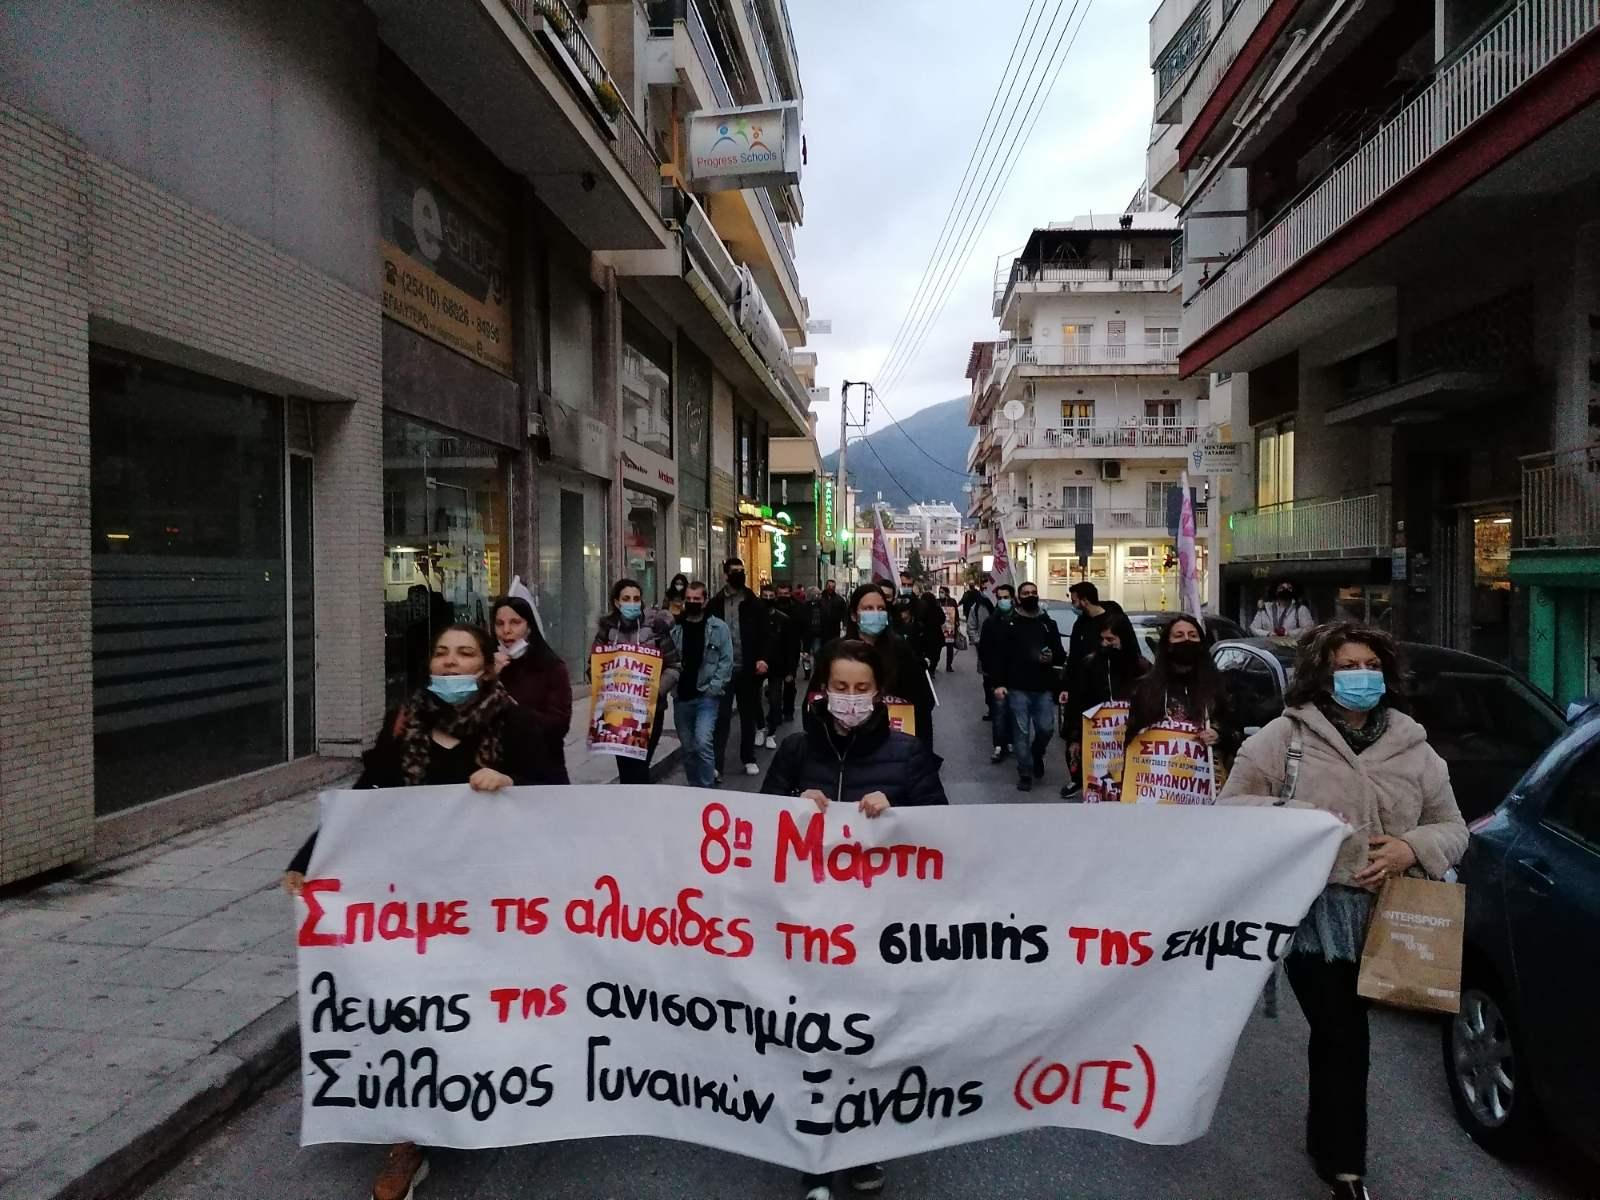 Για την 8η Μάρτη, Παγκόσμια ημέρα των εργαζόμενων γυναικών